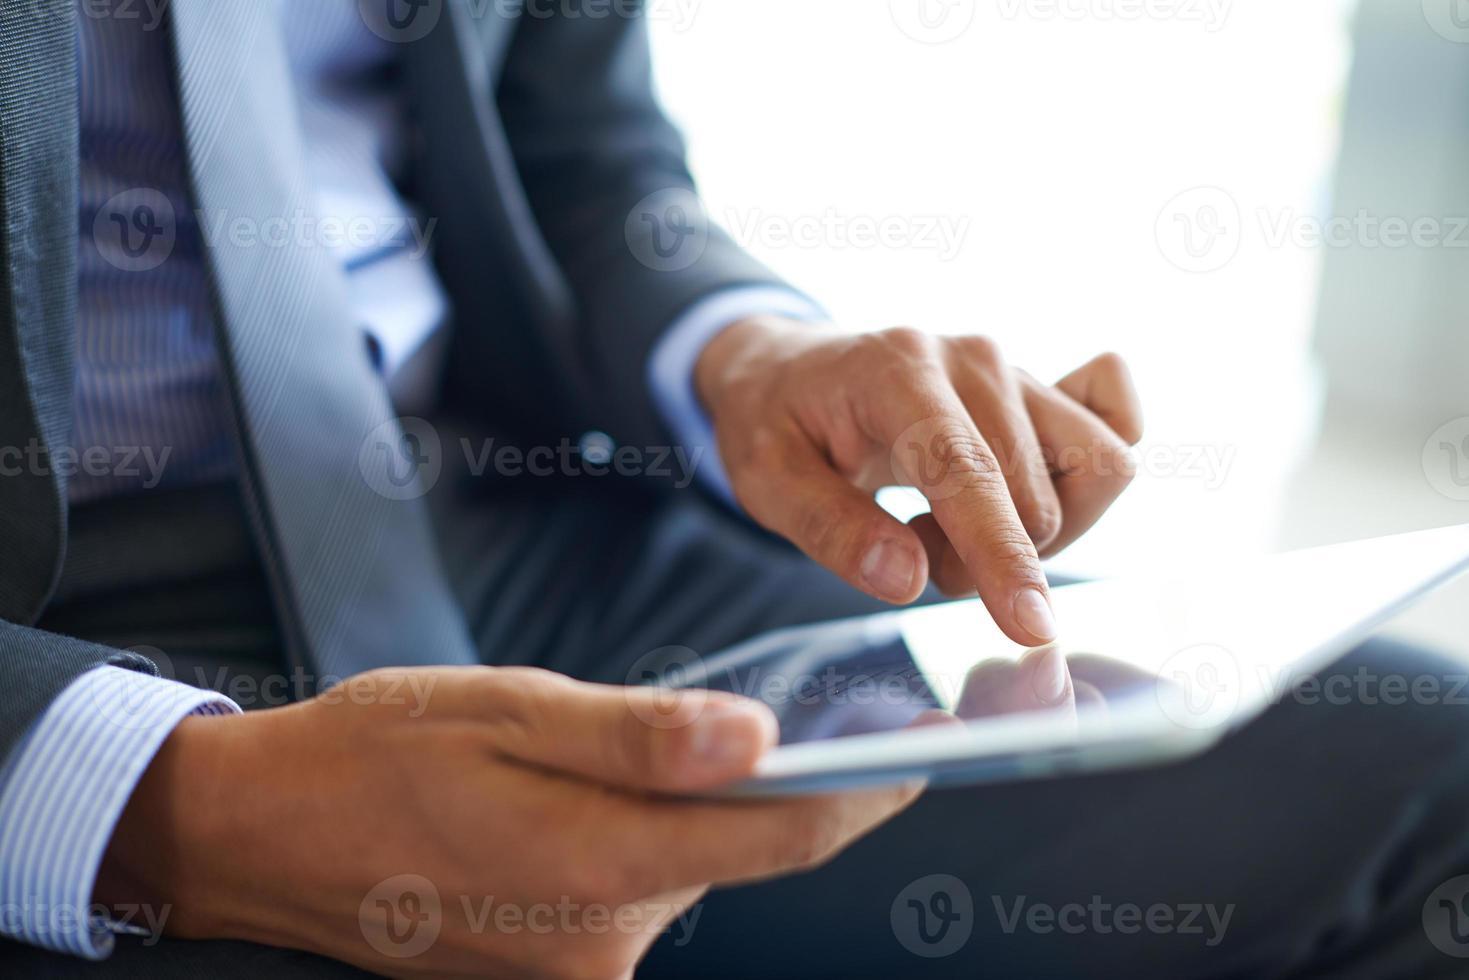 wijzend op touchscreen foto